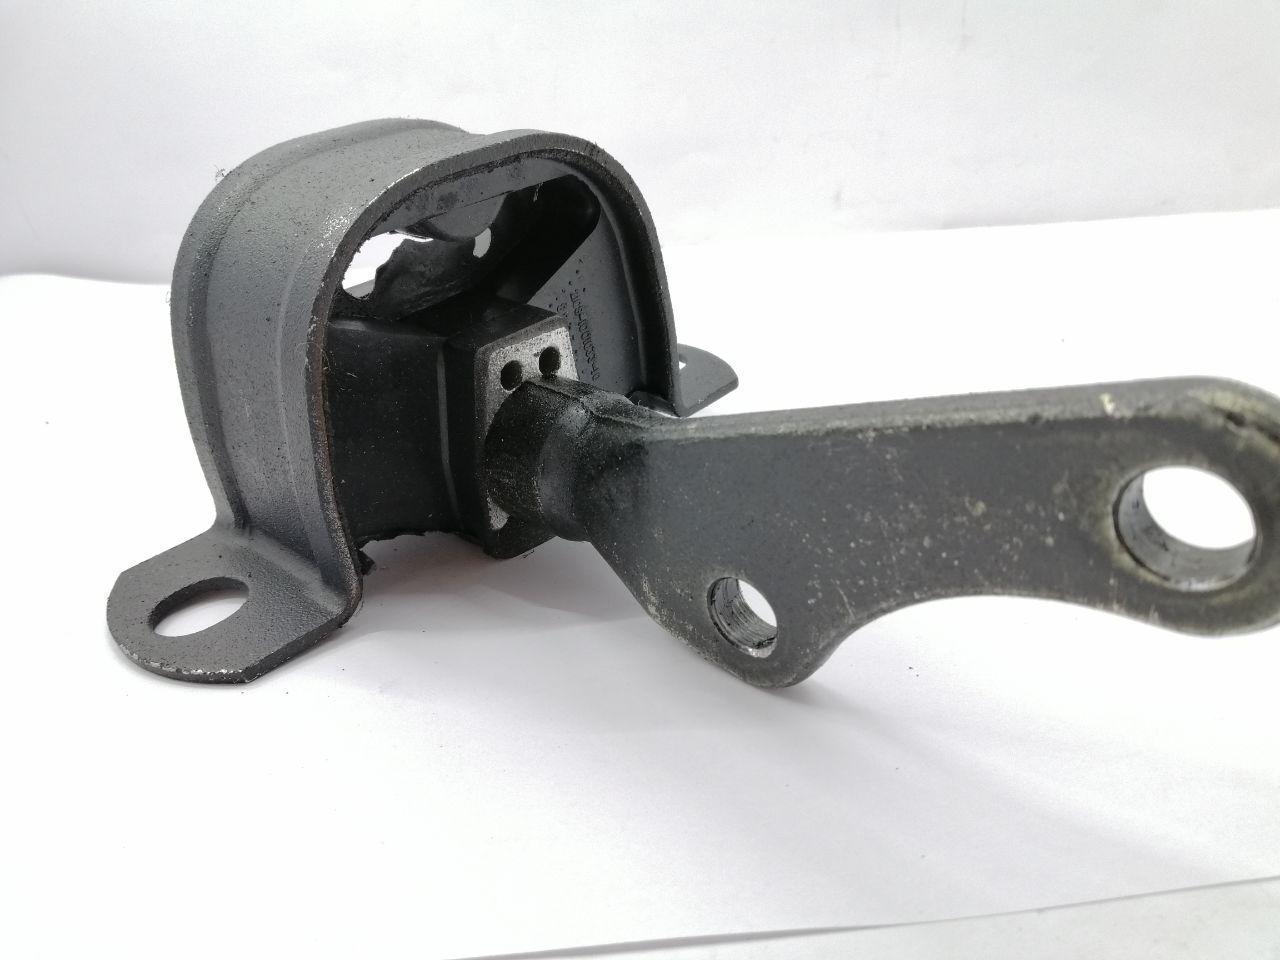 Подушка опоры подвески задней двигателя ВАЗ-2108 в сборе в упак. (пр-во БРТ)